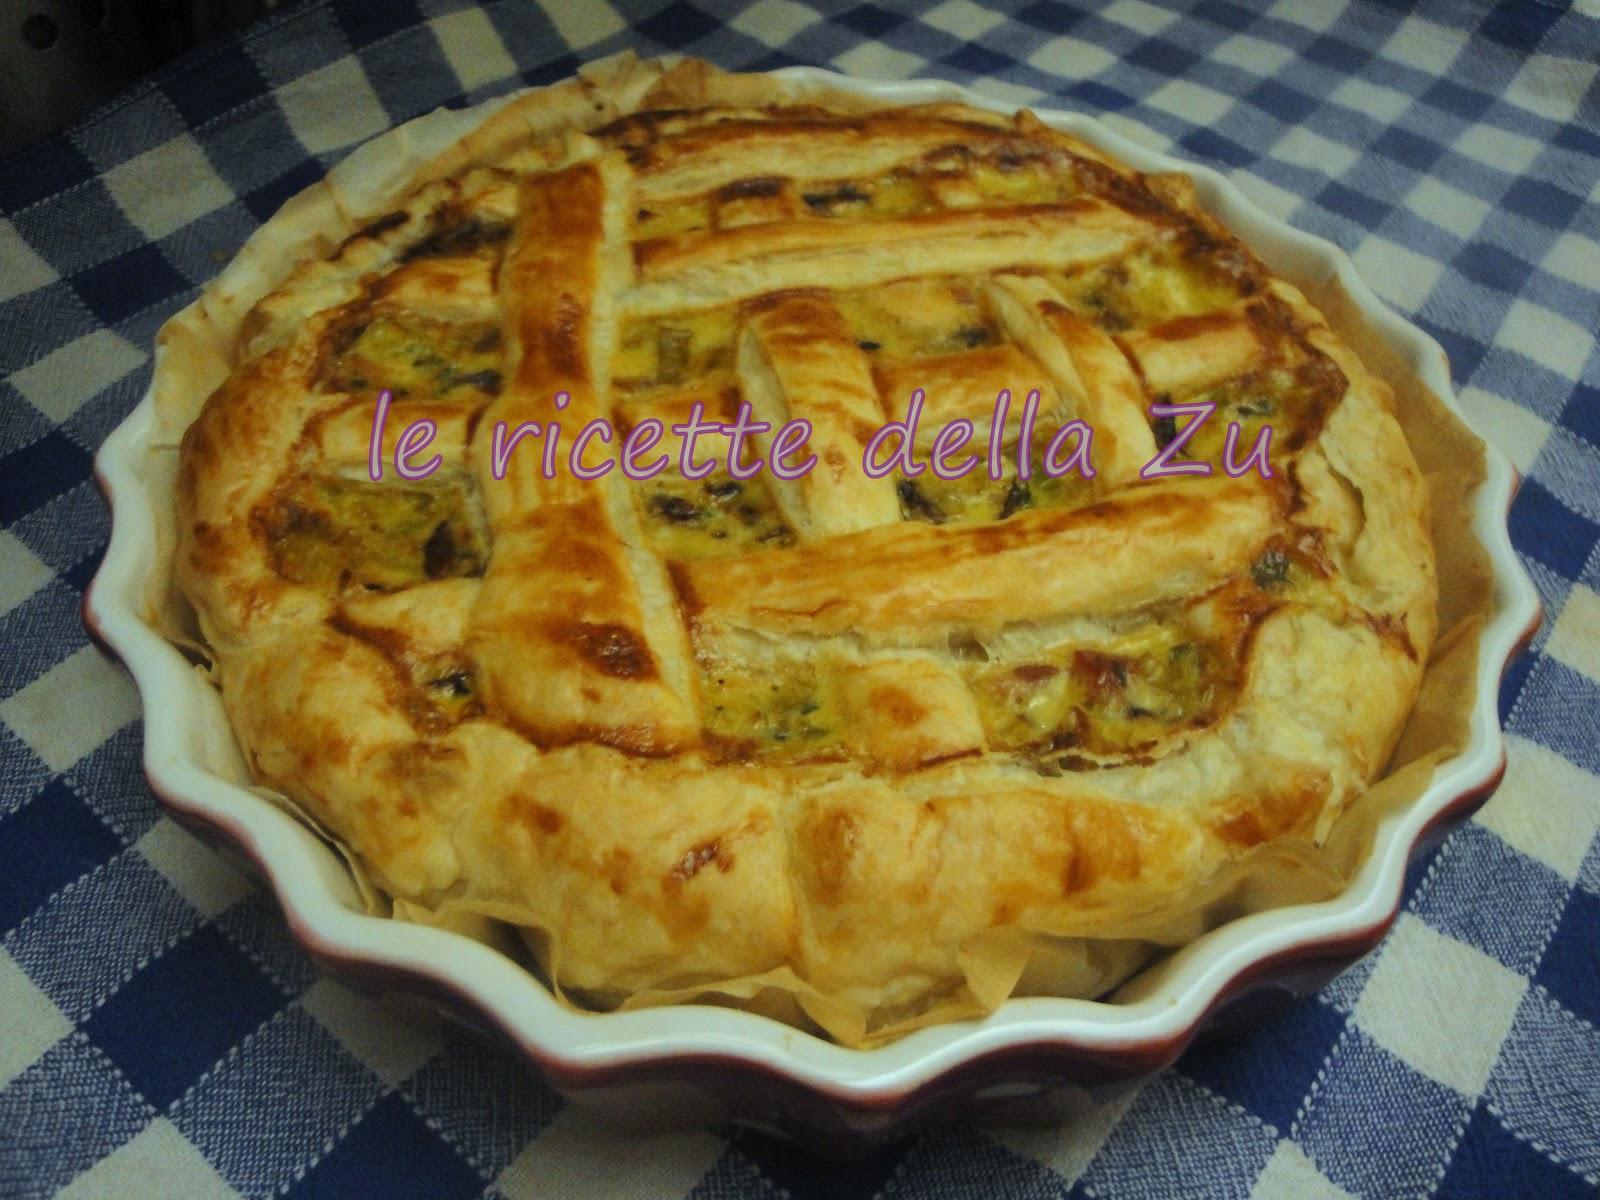 Le ricette della zu torta salata di sfoglia con porri for Torte salate con pasta sfoglia